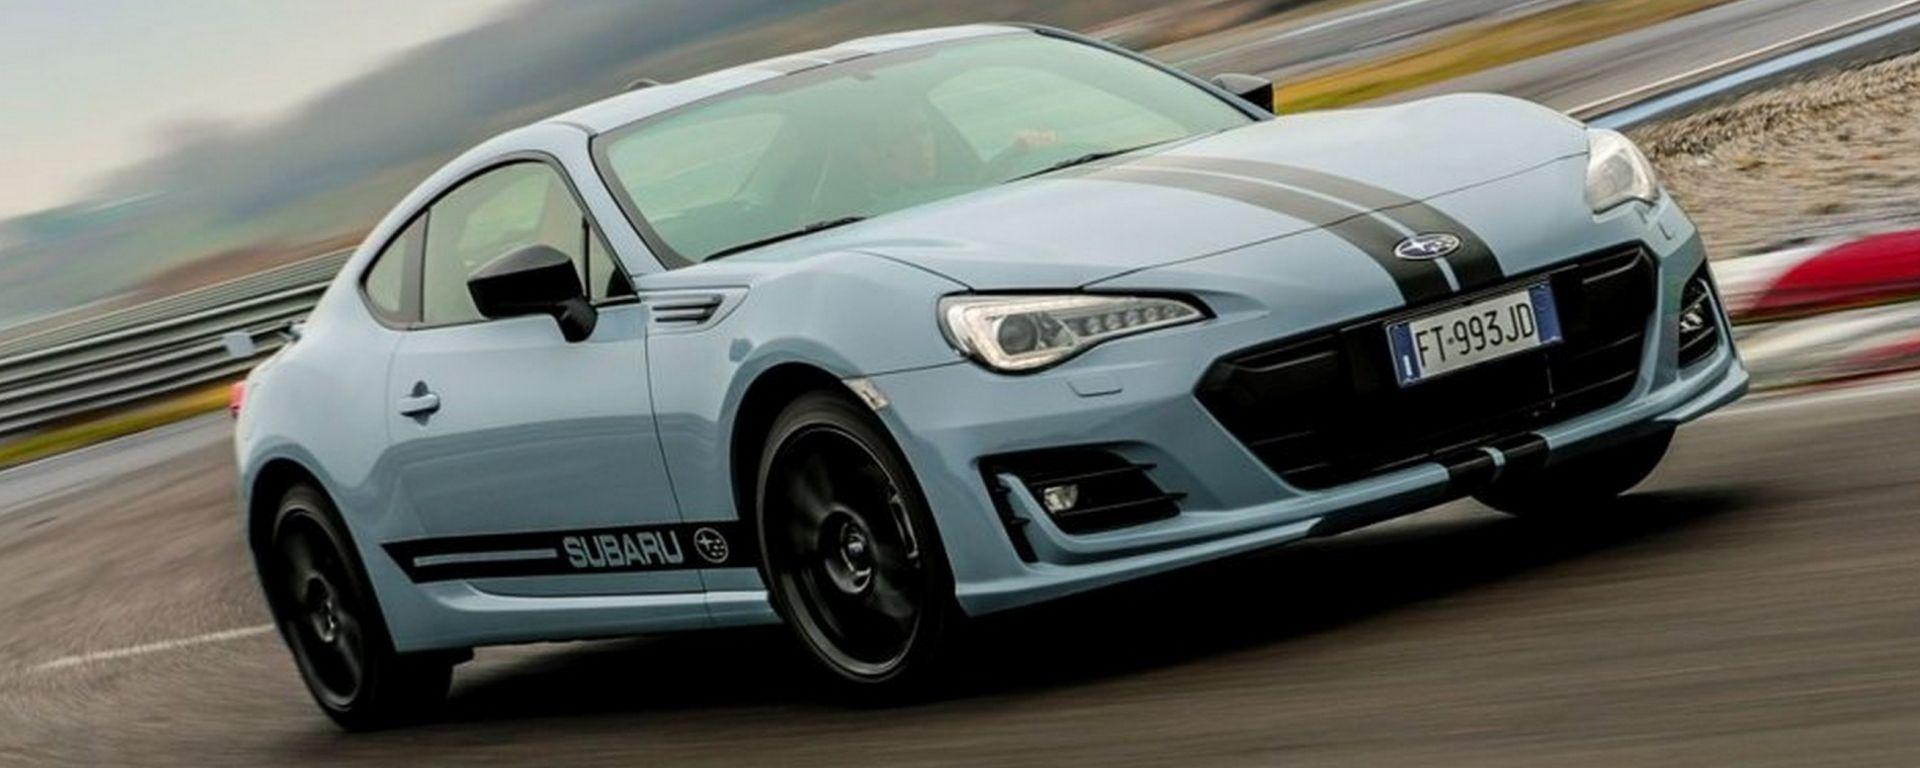 Subaru BRZ 2019 Gunma Edition: ecco la nuova versione sportiva